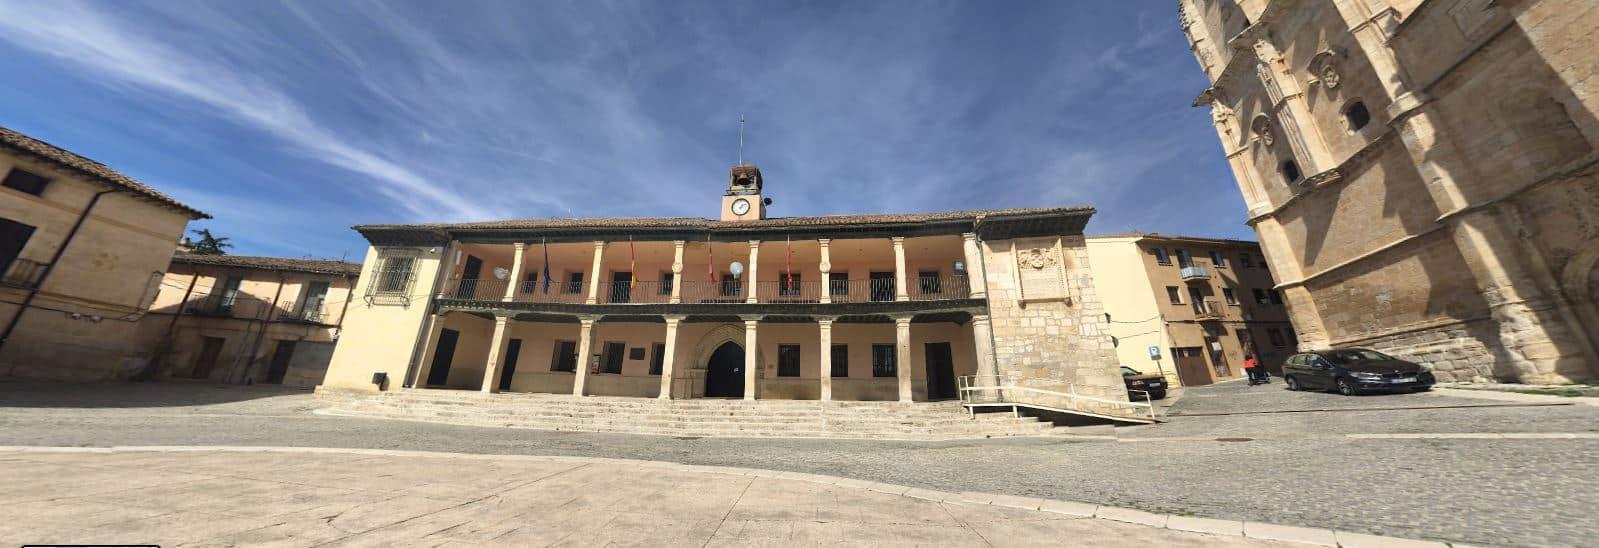 Certificado de defunción Torrelaguna